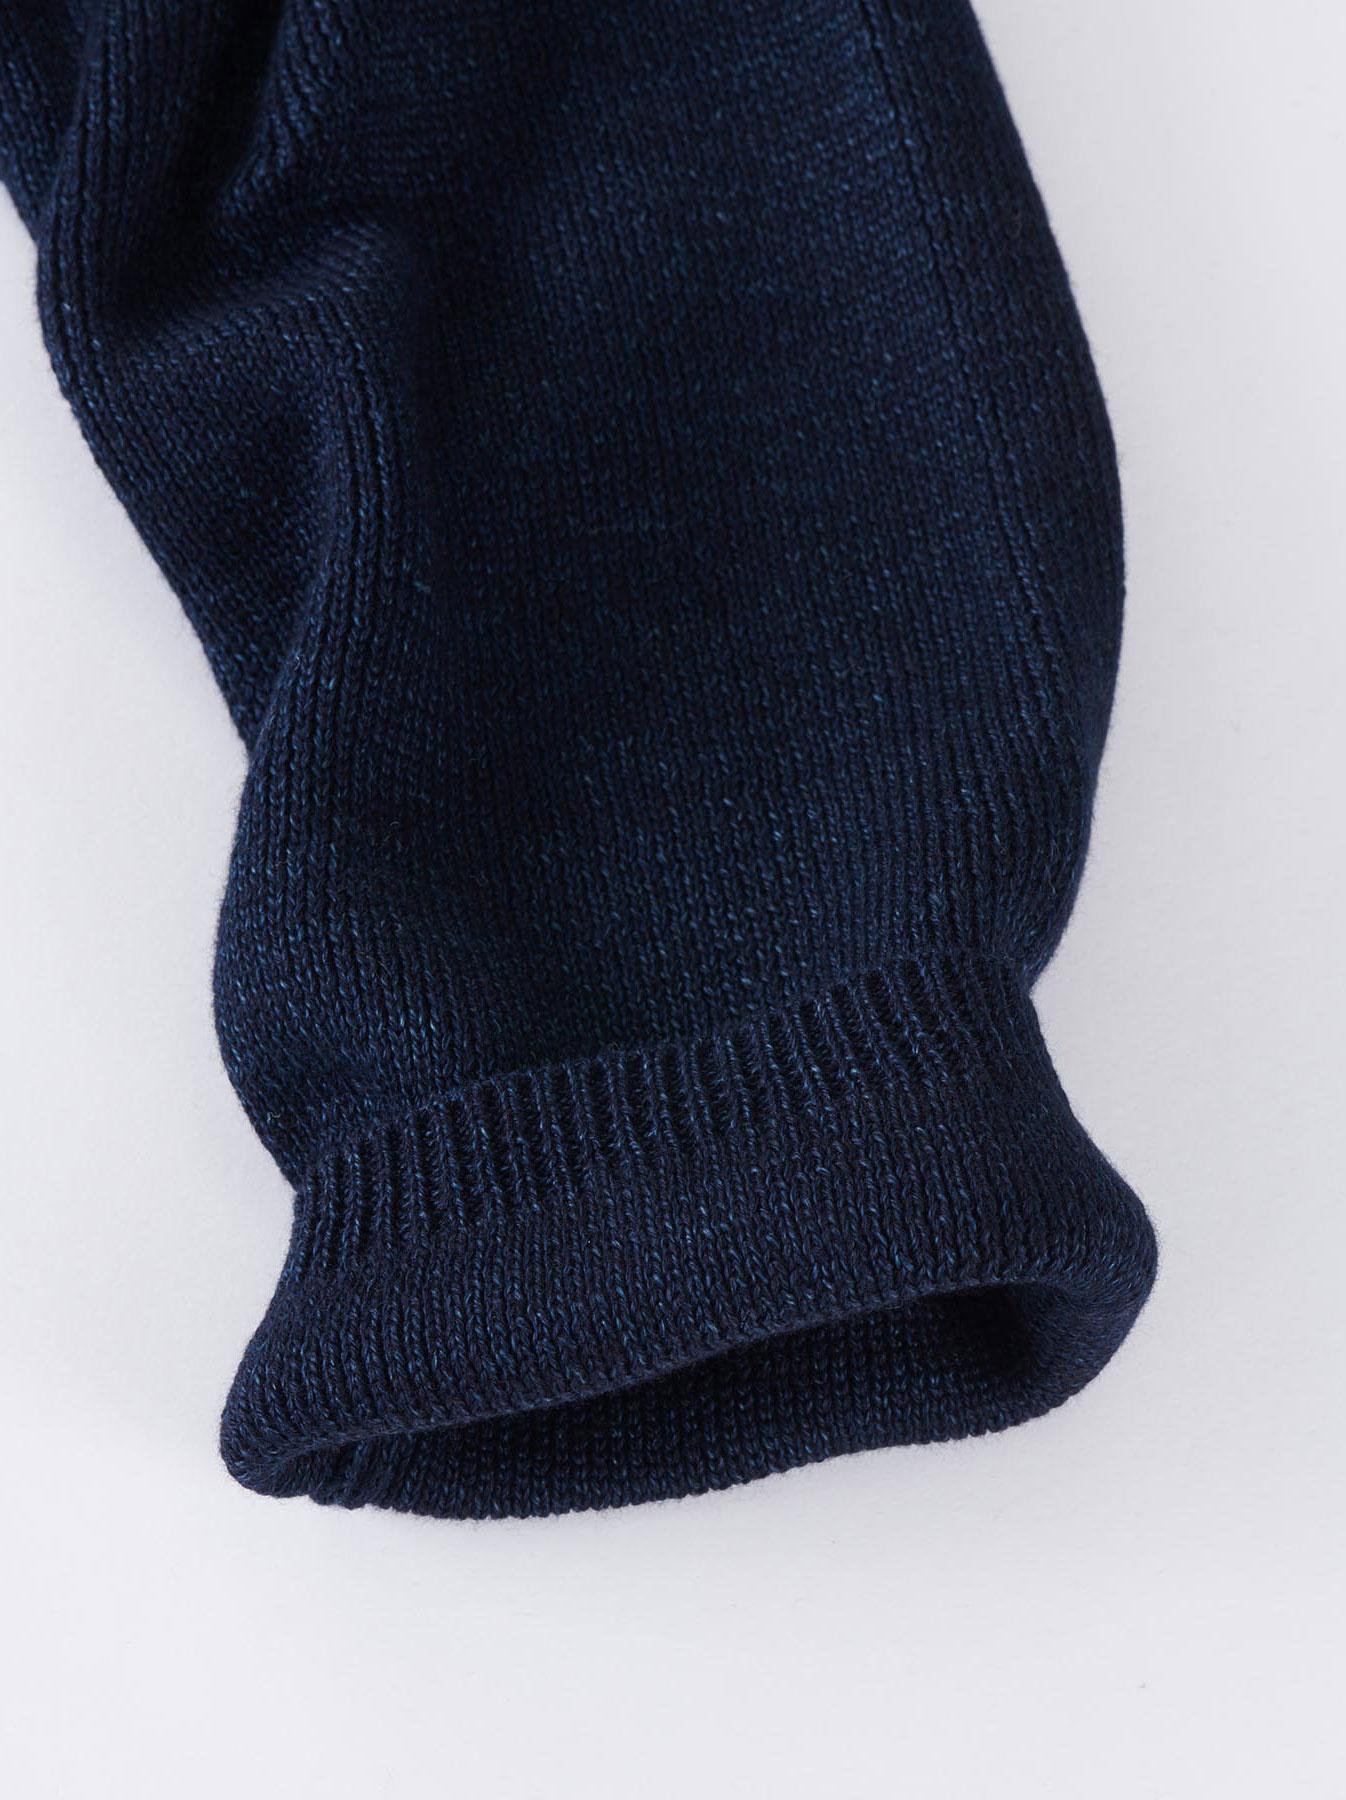 WH Indigo Supima Knit-sew Coat-8